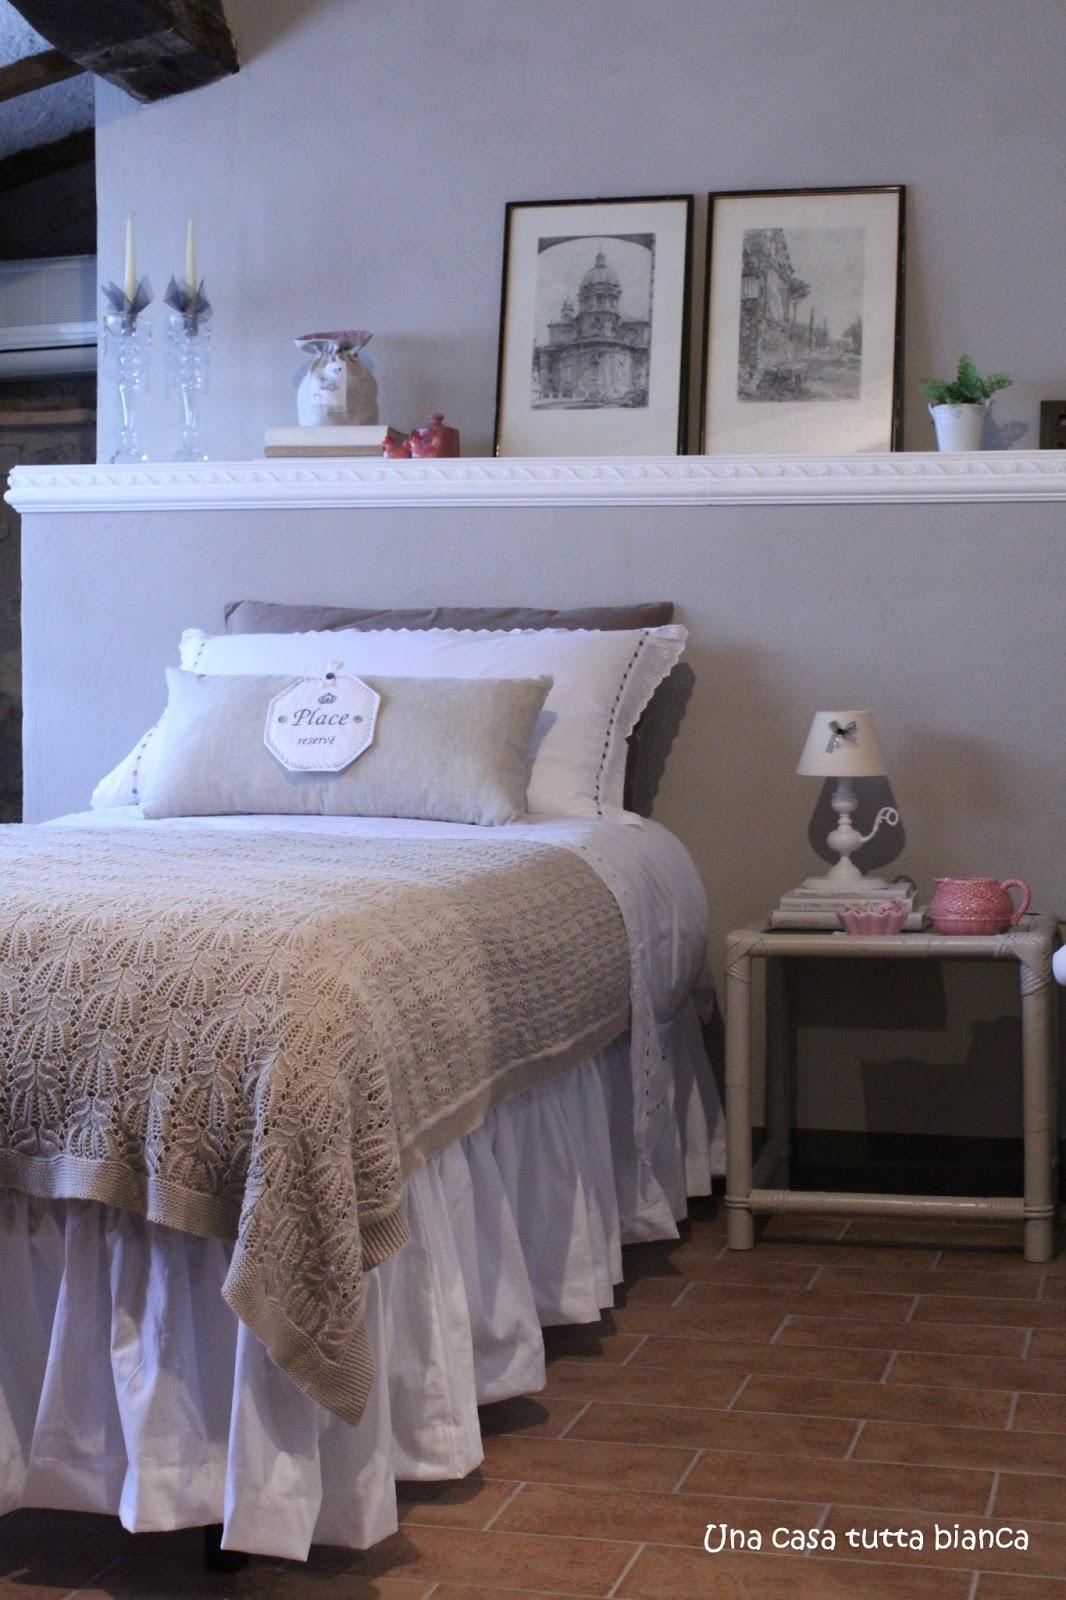 Una casa tutta bianca Il letto vestito di nuovo